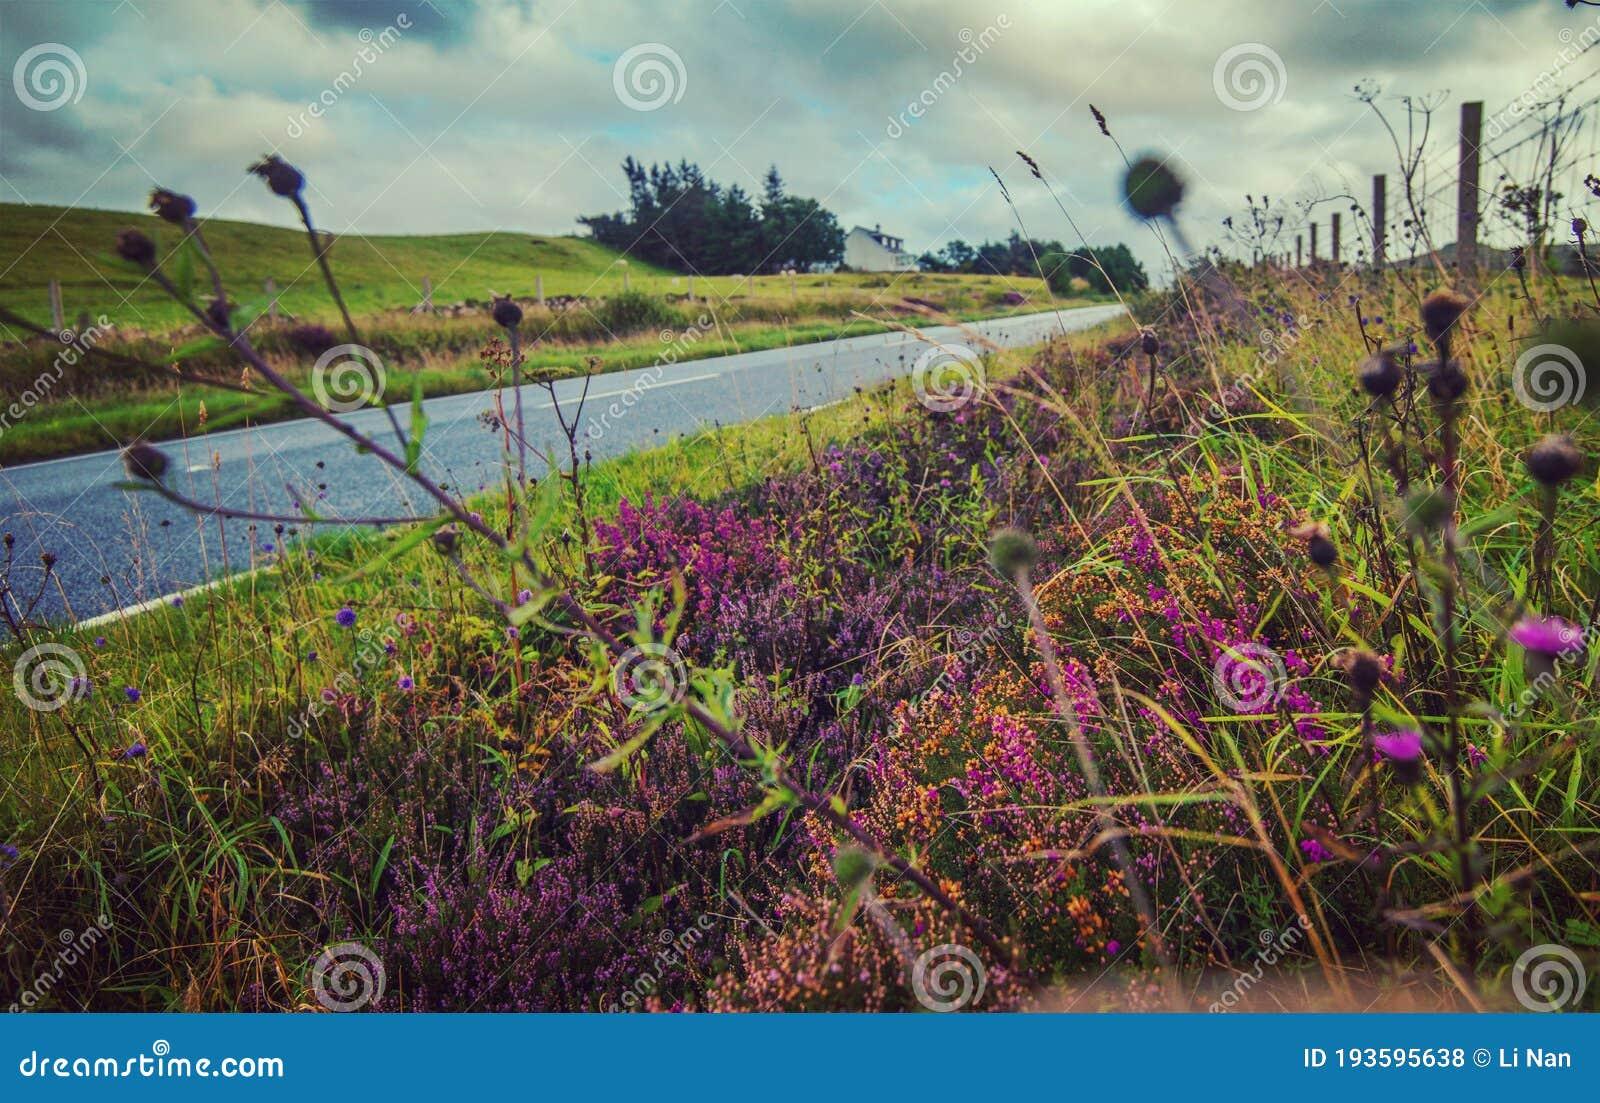 Einsamen Leere Straße Mit Bunten Blumen Nach Regeninsel